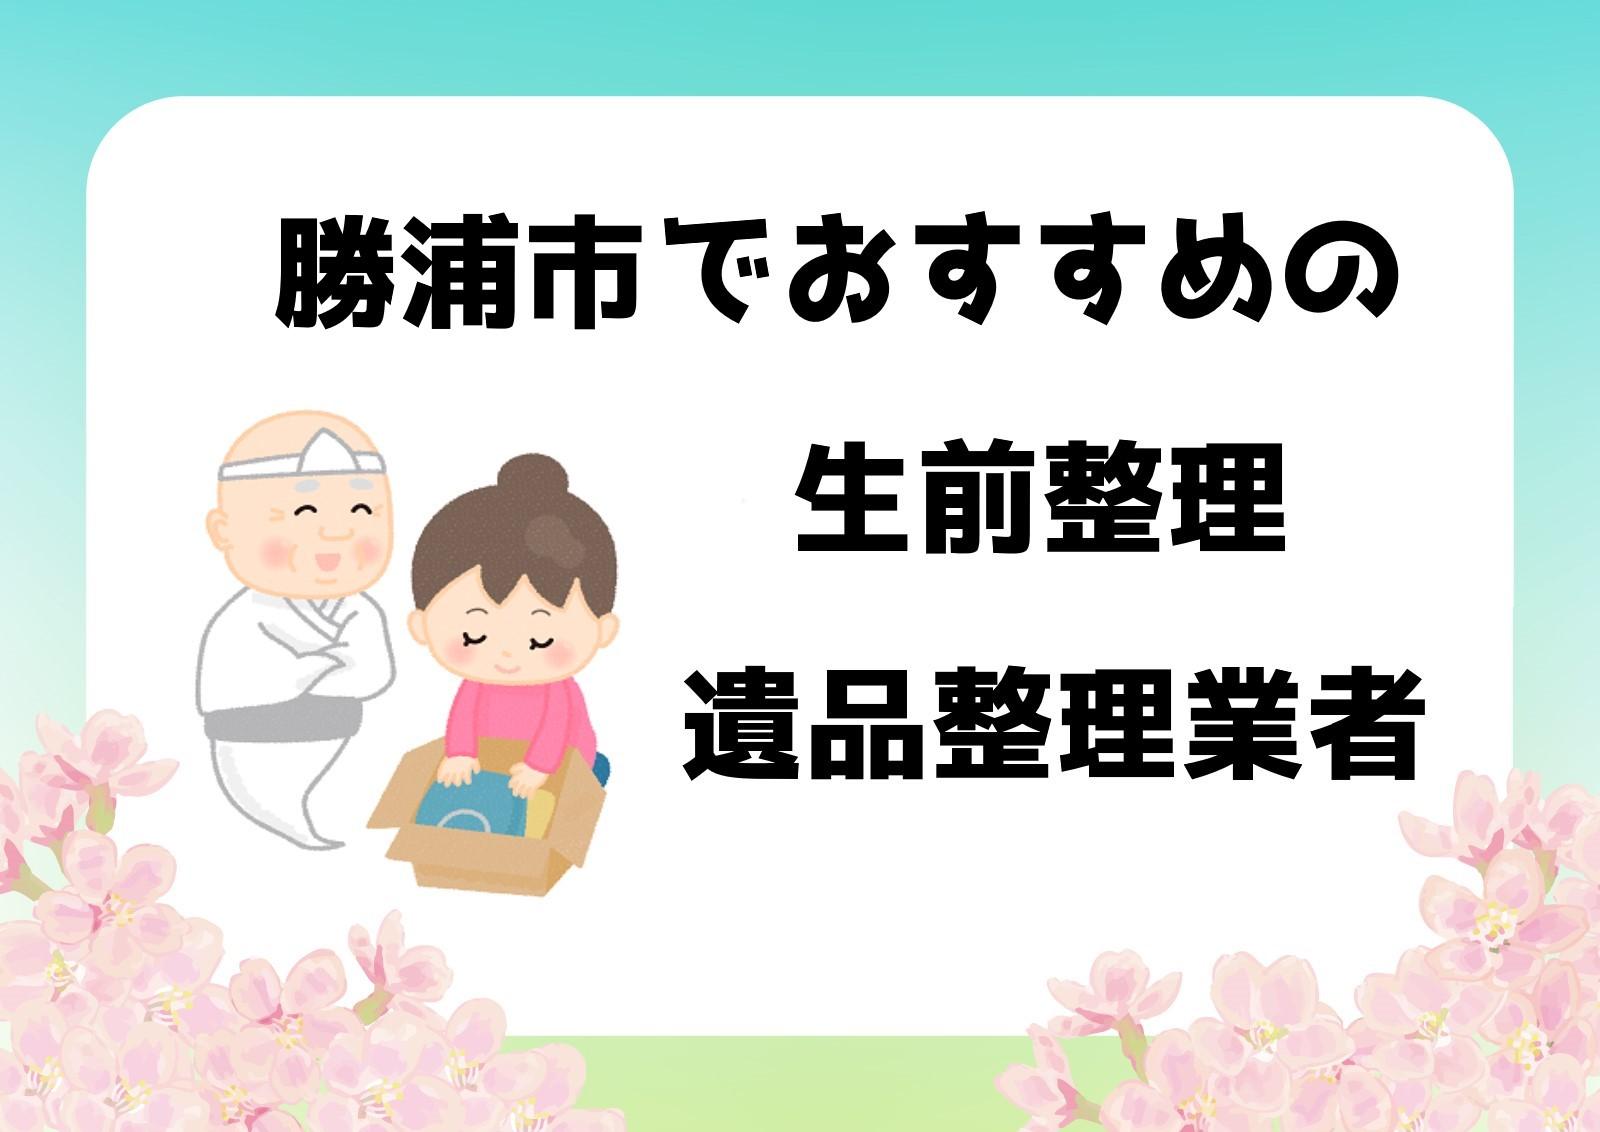 勝浦市 遺品整理 生前整理 おすすめ業者